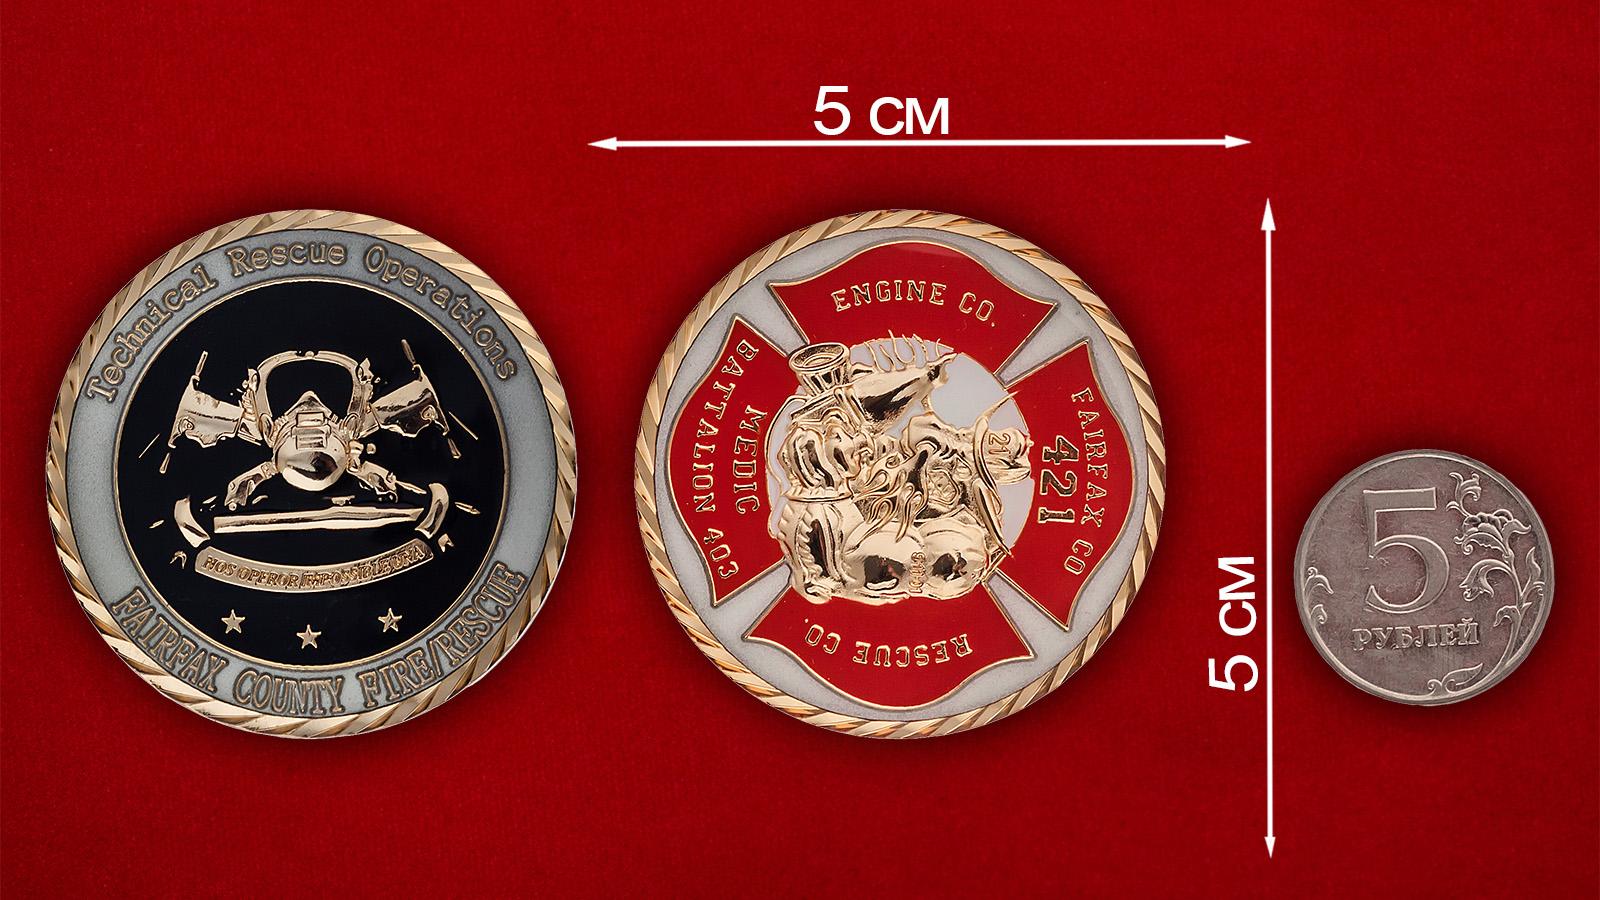 """Челлендж коин """"403-й медицинский батальон спасательных операций на промышленных объектах"""""""